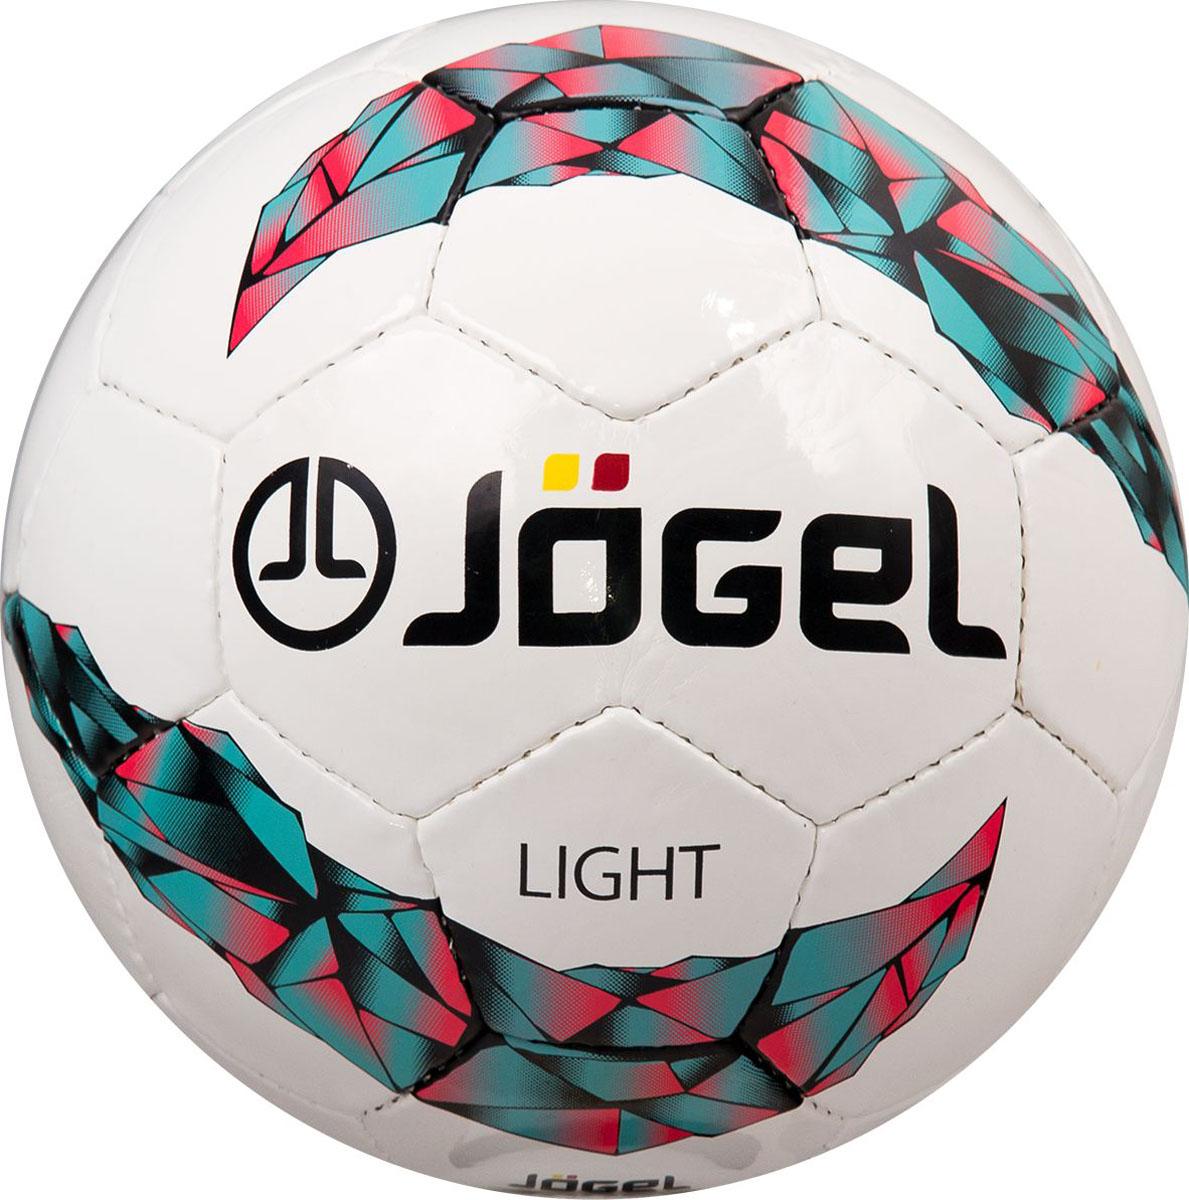 Мяч футбольный Jogel Light, цвет: белый. Размер 4. JS-550УТ-00009687Название: Мяч футбольный Jgel JS-550 Light №4Категория: Тренировочный мячКоллекция: 2016/2017Описание: Jogel JS-550 Light это облегченный мяч ручной сшивки, предназначенный для подростков до 10-12 лет. Вес данного мяча составляет 310-330 гр., что меньше веса стандартного мяча размера №4 (350-390 гр.). По своим техническим характеристикам является практически полным аналогом мяча Derby. Мяч JS-550 Light рекомендован детскими тренерами и соответствует всем требованиям тренировочного процесса для игроков подросткового возраста. Размер №4 предназначается для тренировок детей в возрасте от 10 до 12 лет. Поверхность мяча выполнена из глянцевой синтетической кожи (полиуретан) толщиной 1,0 мм. Мяч имеет 3 подкладочных слоя на нетканой основе (смесь хлопка с полиэстером) и оснащен латексной камерой с бутиловым ниппелем, обеспечивающим долгое сохранение воздуха в камере.Уникальной особенностью, характерной для бренда Jogel, является традиционная конструкция мячей из 30 панелей. Привлекательный дизайн Коллекции 2016/2017 ярко выделяет мячи Jogel на витрине. Данный мяч подходит для поставок на гос. тендеры. При производстве мячей Jogel не используется детский труд. Официальный размер FIFA.Рекомендованные покрытия: натуральный газон, синтетическая трава, резина, гаревые поля, паркетМатериал поверхности: Синтетическая кожа (полиуретан) толщиной 1,0 ммМатериал камеры: ЛатексТип соединения панелей: Ручная сшивкаКоличество подкладочных слоев: 3Количество панелей: 30Размер: 4Вес: 310-330 гр.Длина окружности: 63,5-66 смРекомендованное давление: 0.4-0.6 барОсновной цвет: белыйДополнительный цвет: мятный, коралловый, черныйБренд: JogelСтрана бренда: ГерманияПроизводство: Пакистан